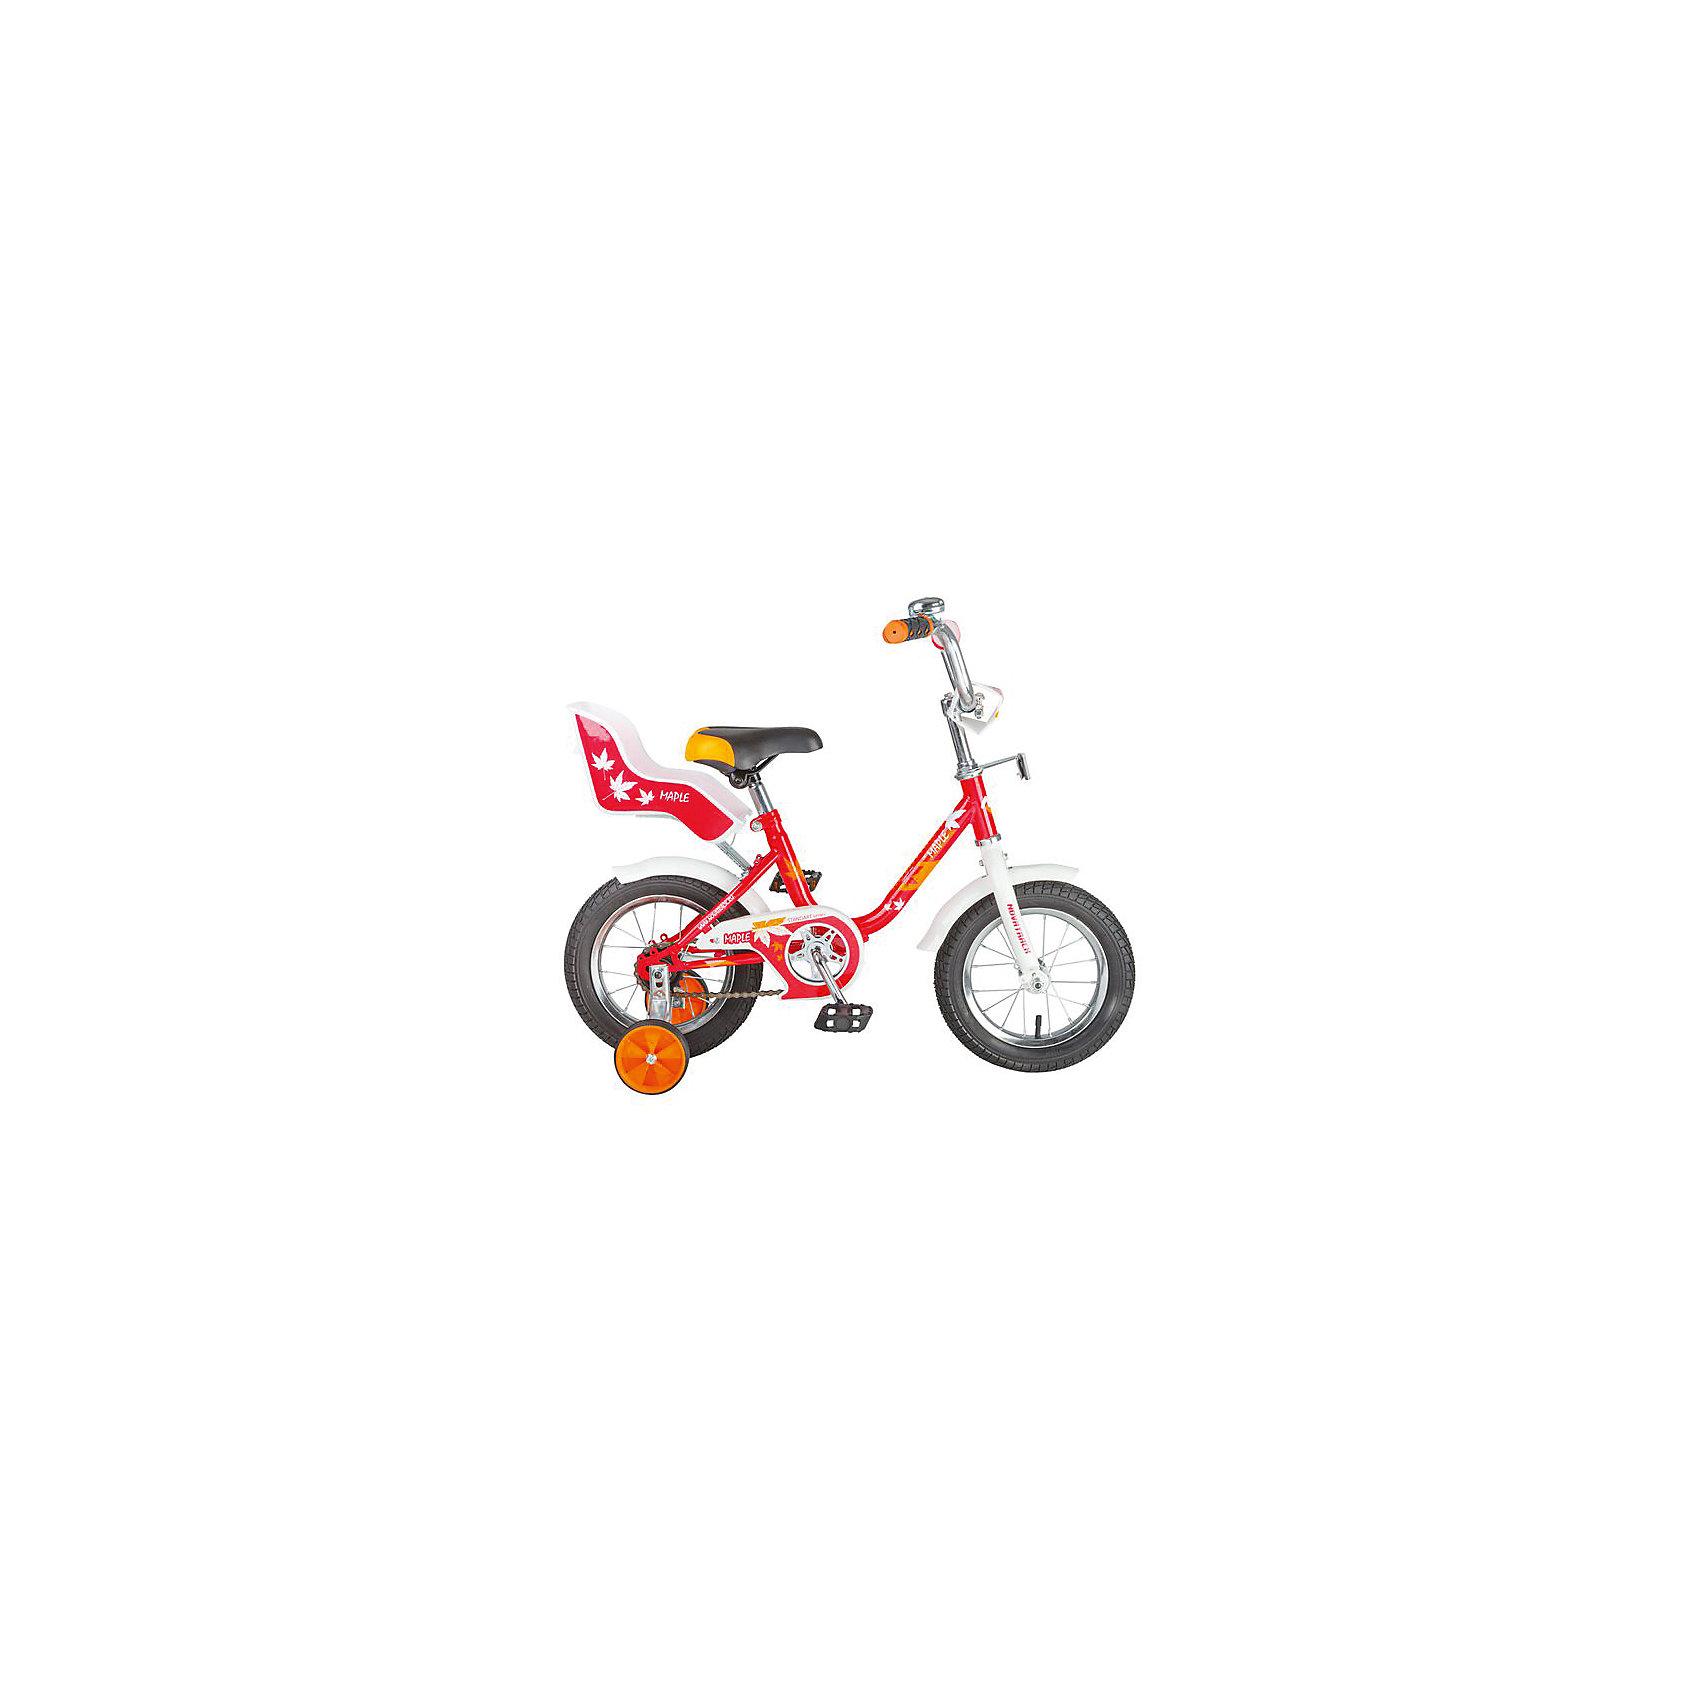 Велосипед UL, красный, 12 дюймов, NovatrackВелосипеды детские<br>Novatrack UL 12'' – это надежный велосипед для девочек 2-4 лет, на котором очень легко познавать азы катания на велосипеде, и который обязательно станет предметом гордости маленькой леди. Регулируемые сидение и руль можно адаптировать под быстро растущий детский организм. Маленькие дополнительные колеса снимаются по мере необходимости. Главная особенность этого велосипеда – это сидение для куклы, ведь как можно не взять с собой подругу на велопрогулку? Велосипед оснащен ножным тормозом, которым, как показывает практика, ребенок очень быстро учится пользоваться, защитой цепи, которая убережет нижнюю часть одежды от попадания в механизм. Это еще не все технические решения, обеспечивающие безопасность велосипеда. Его оборудовали ограничителем поворота, который не позволит вывернуть руль на слишком большой градус, тем самым обезопасит от опрокидывания.<br><br>Велосипед UL, красный, 12 дюймов, Novatrack можно купить в нашем интернет-магазине.<br><br>Ширина мм: 810<br>Глубина мм: 185<br>Высота мм: 410<br>Вес г: 9500<br>Возраст от месяцев: 36<br>Возраст до месяцев: 60<br>Пол: Унисекс<br>Возраст: Детский<br>SKU: 5613217